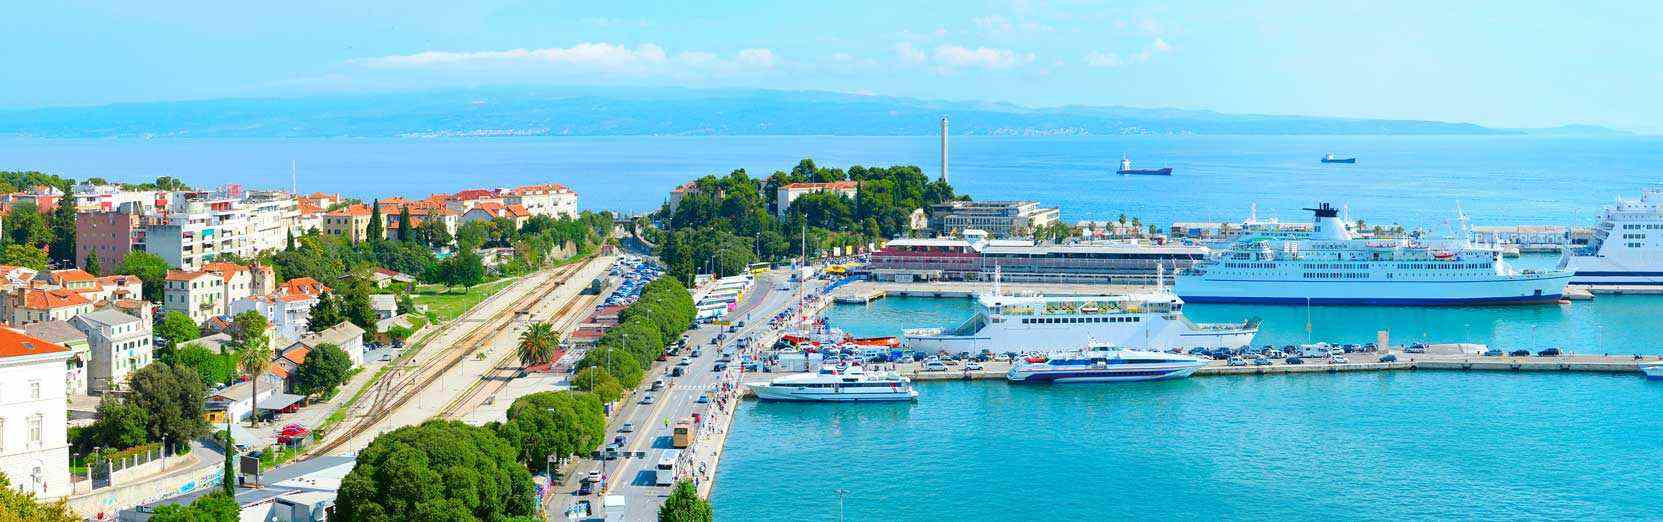 Auto mieten in Split